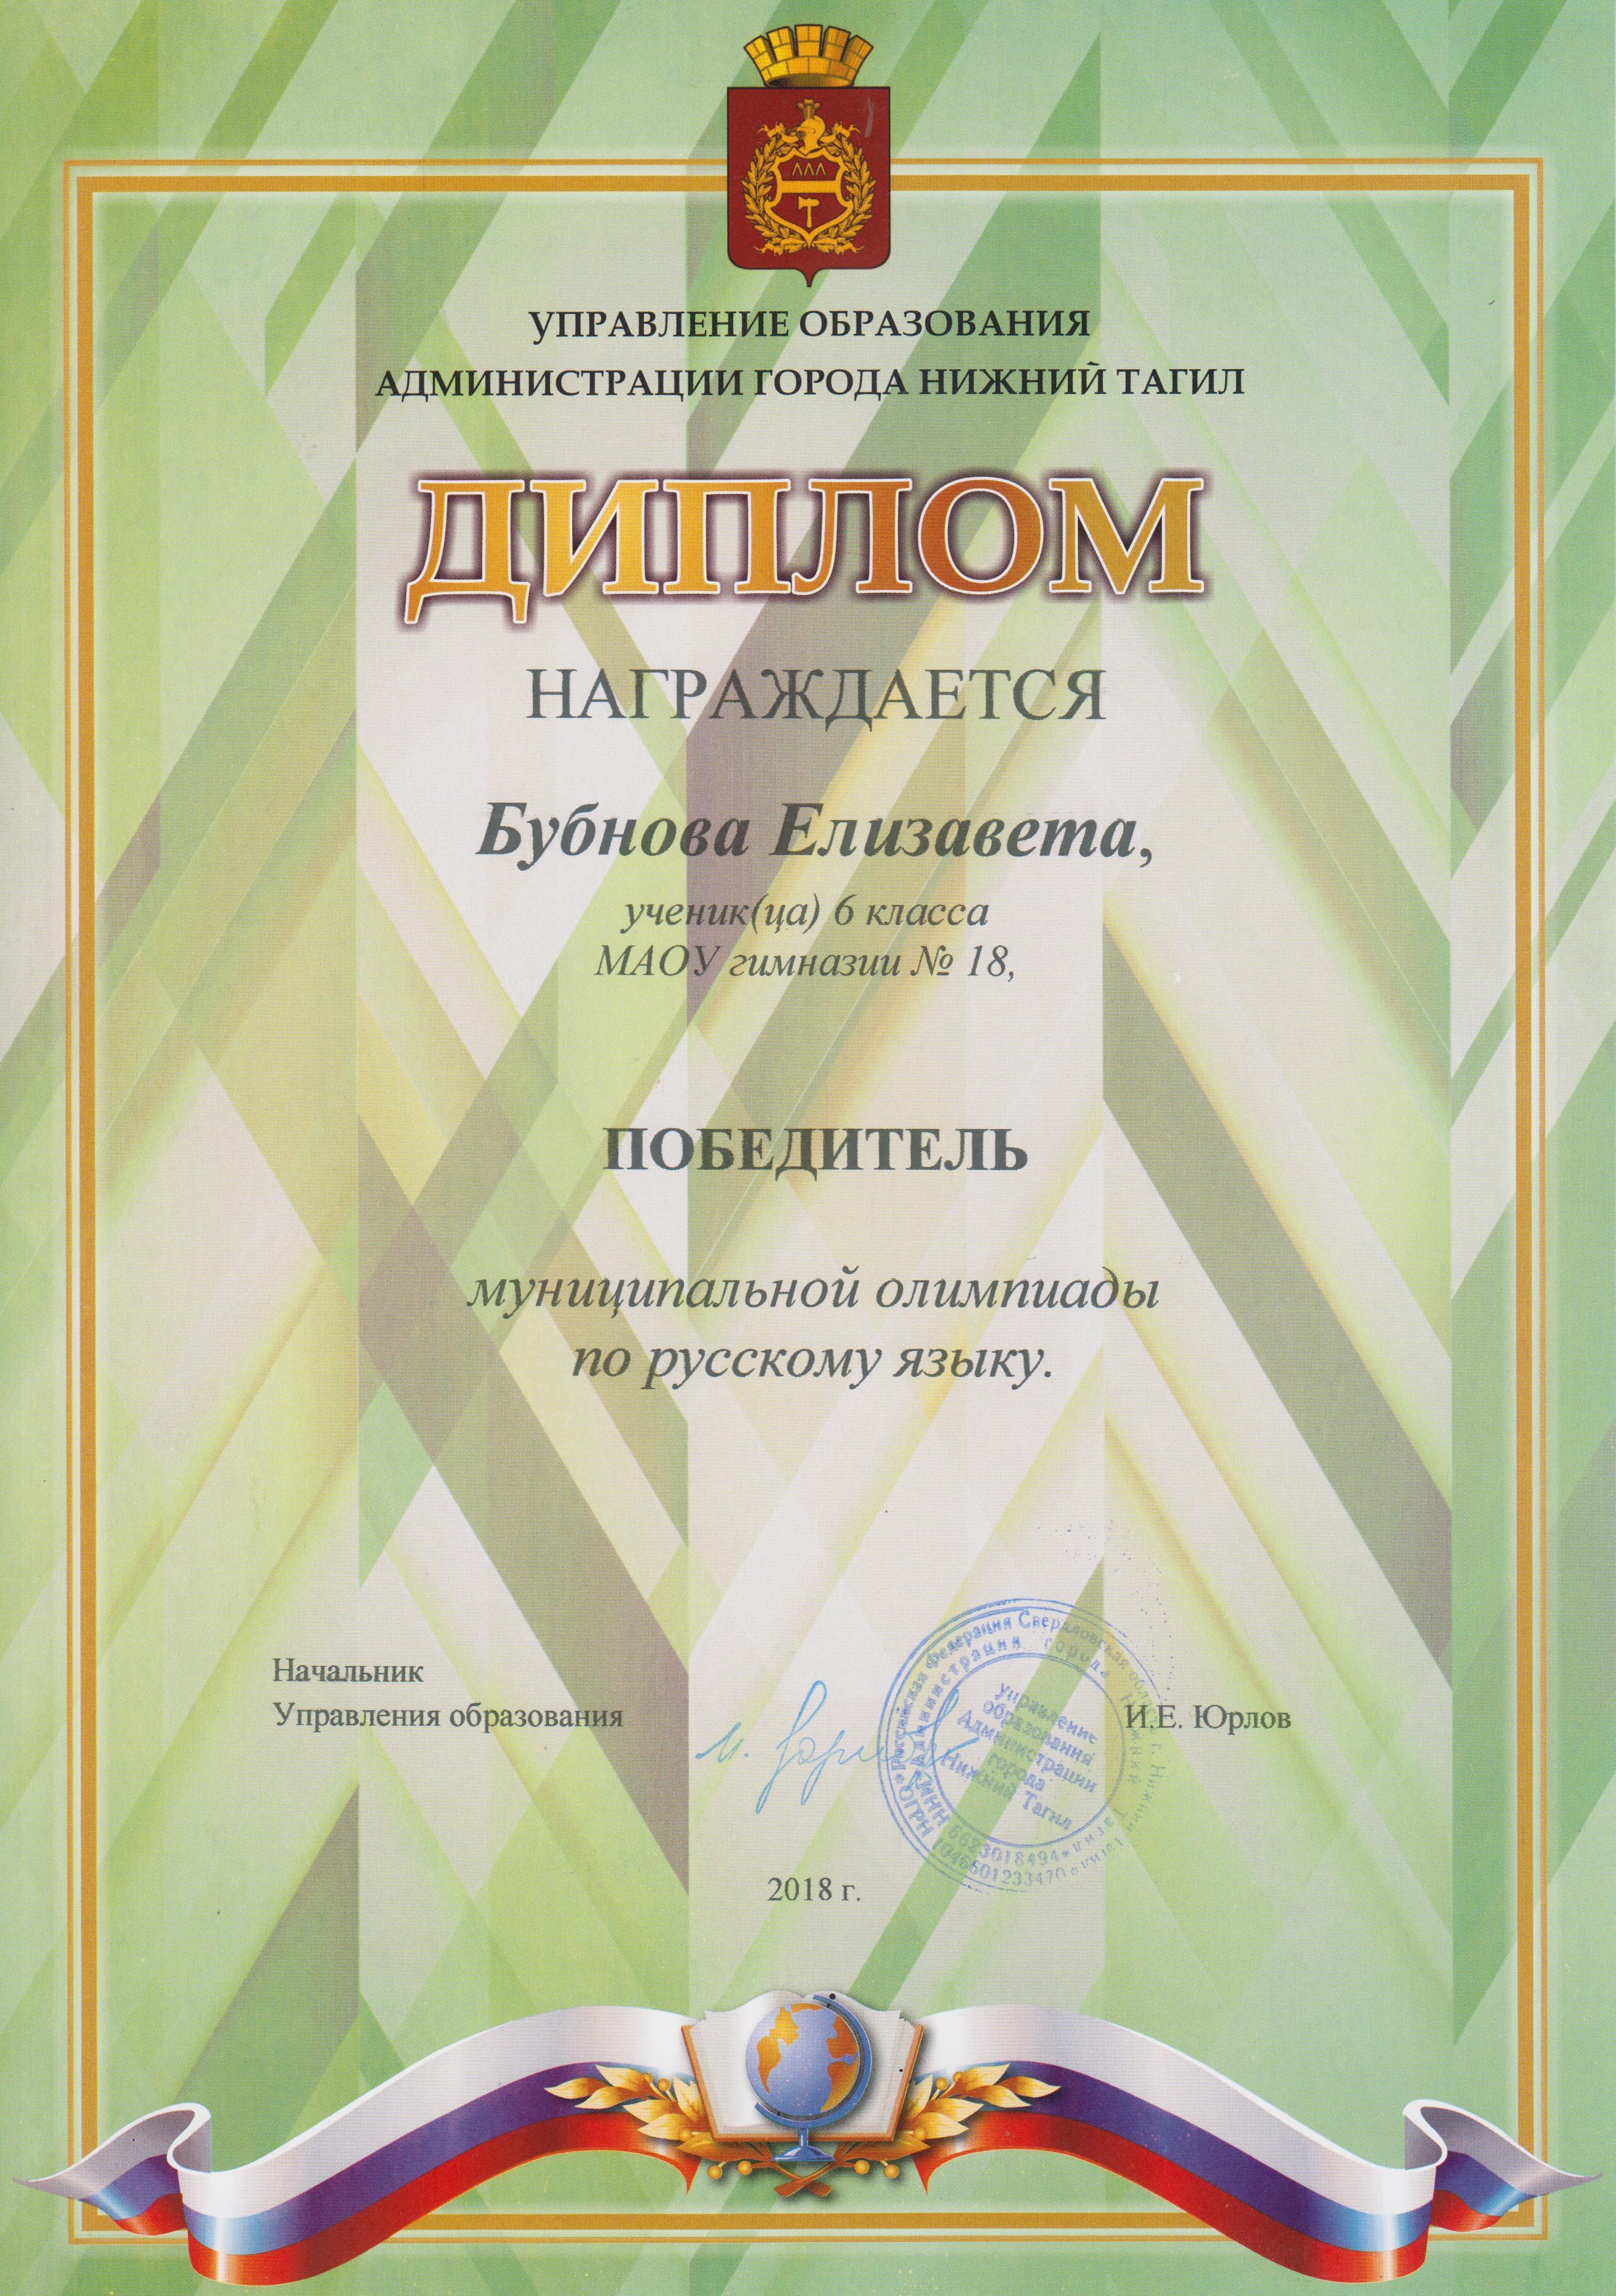 Ол. РЯ. Бубнова. 2018